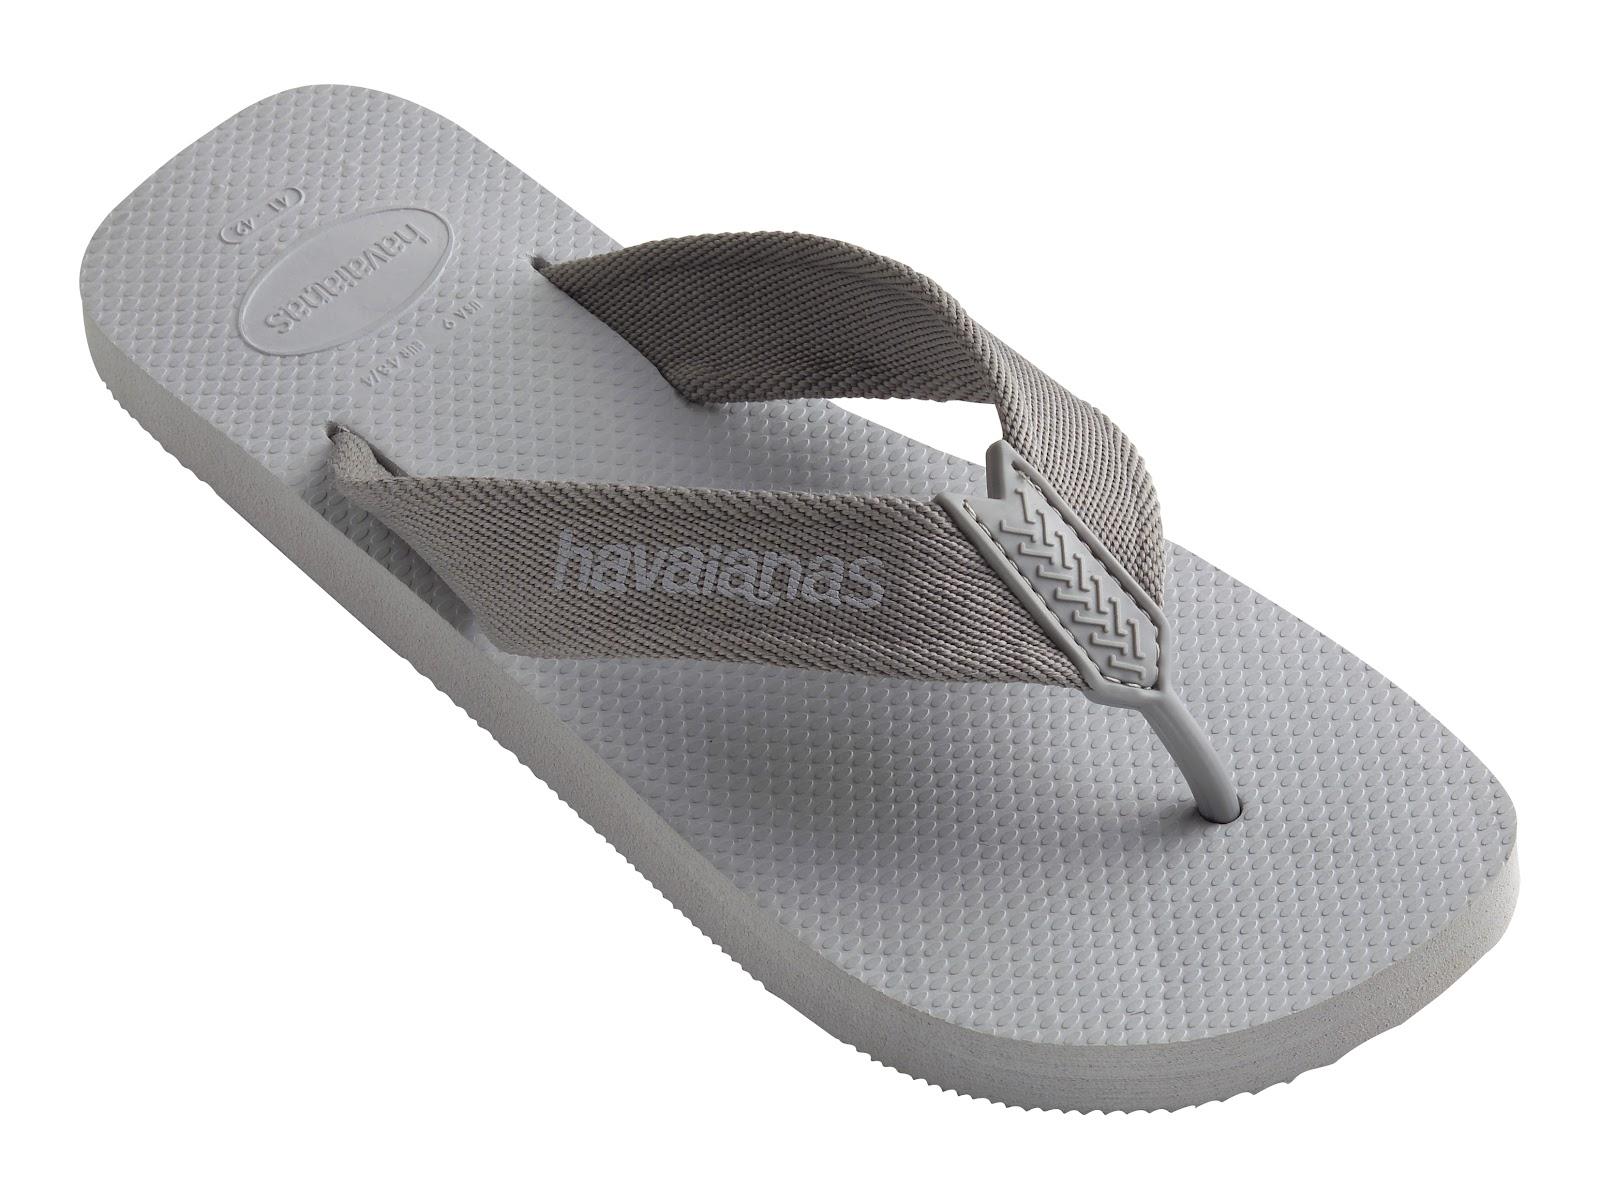 Havaianomaniacos: Havaianas 2013: Havaianas renova linha ...